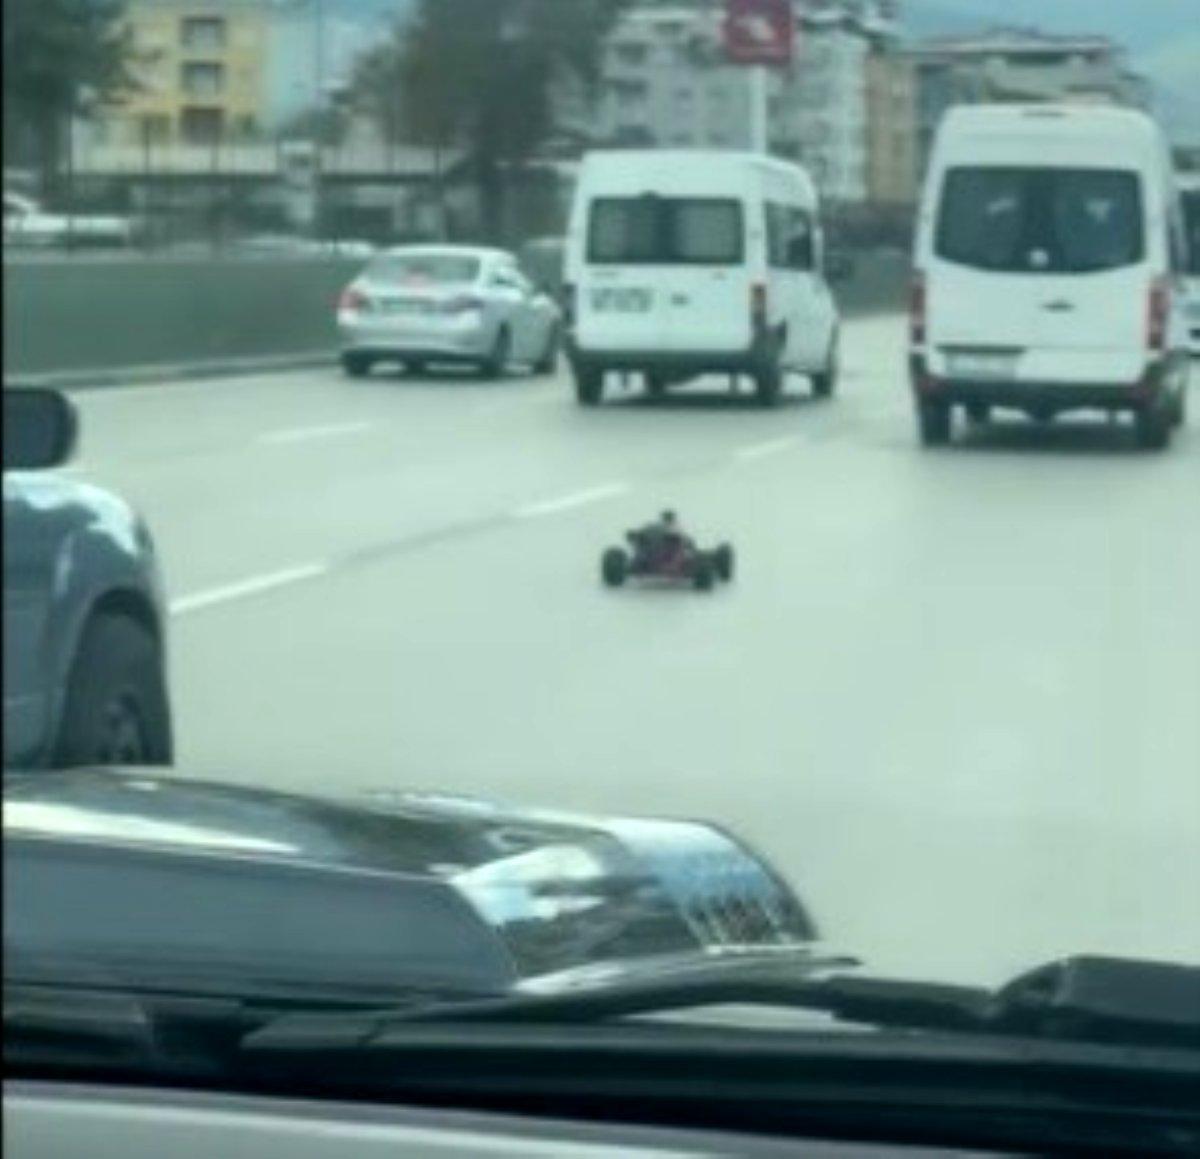 Oyuncak yarış arabası Bursa caddelerini birbirine kattı